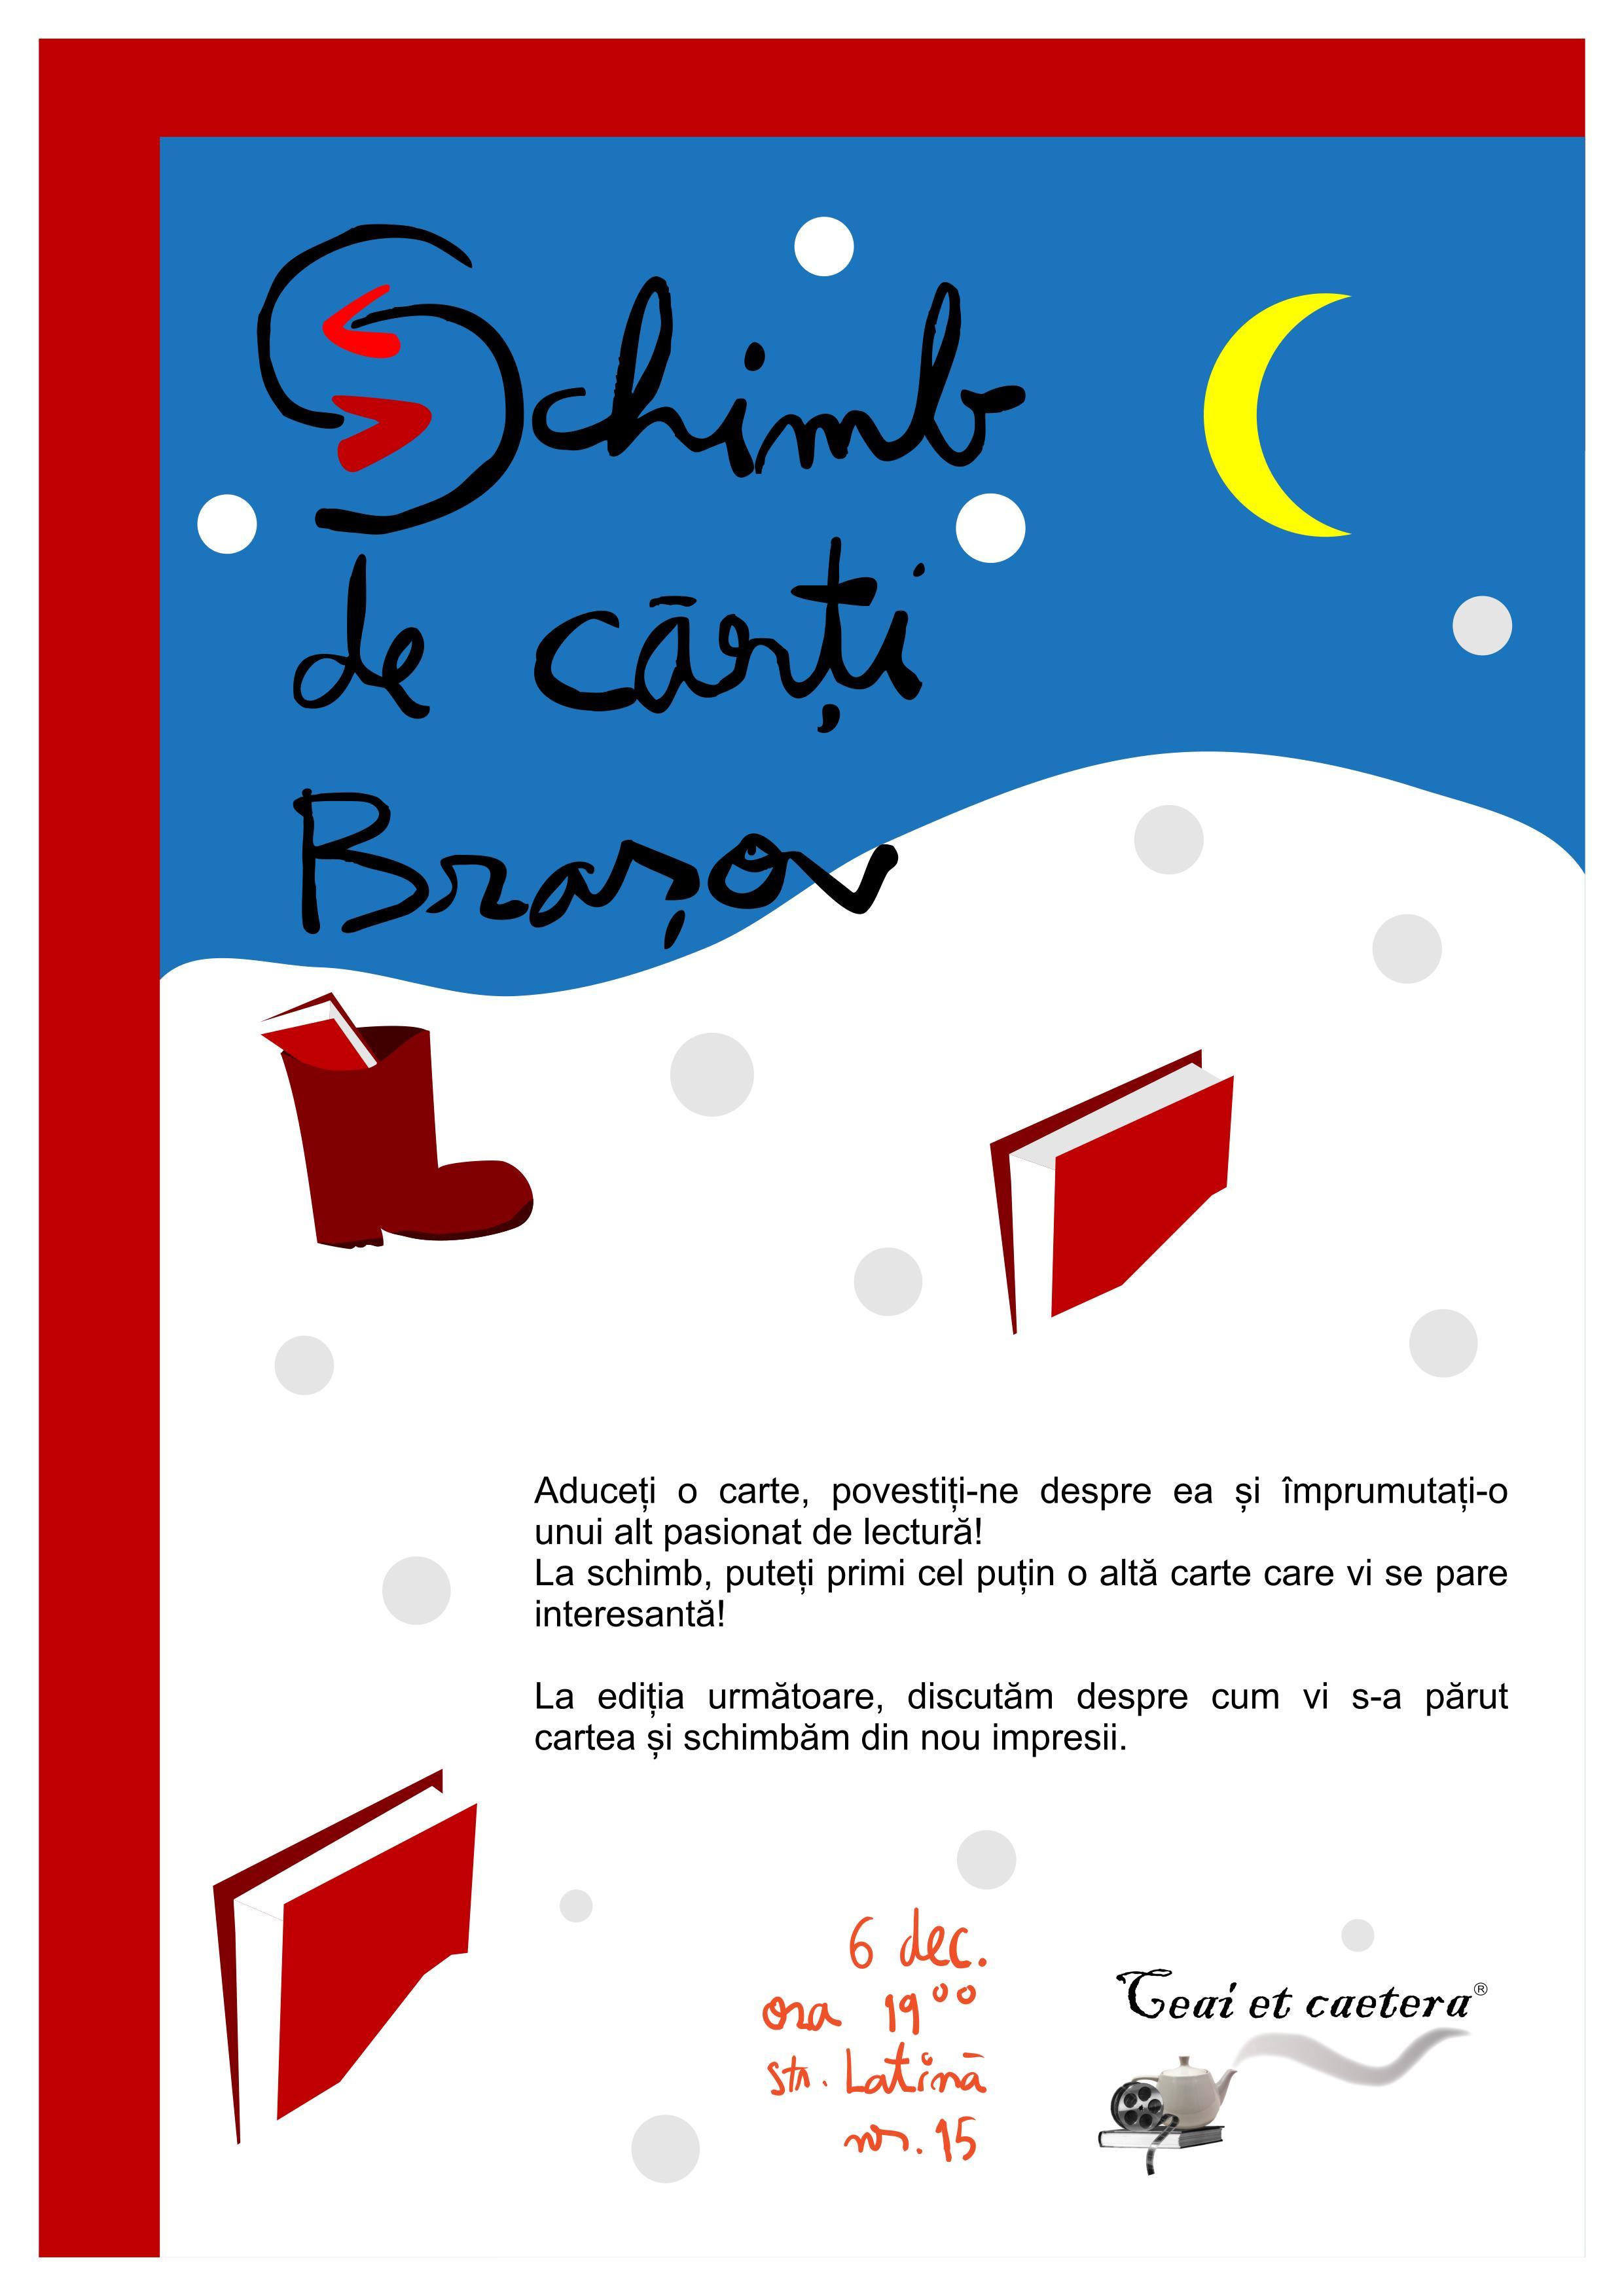 Schimb de cărți de Moș Nicolae – întâlnirea pasionaților de lectură din Brașov